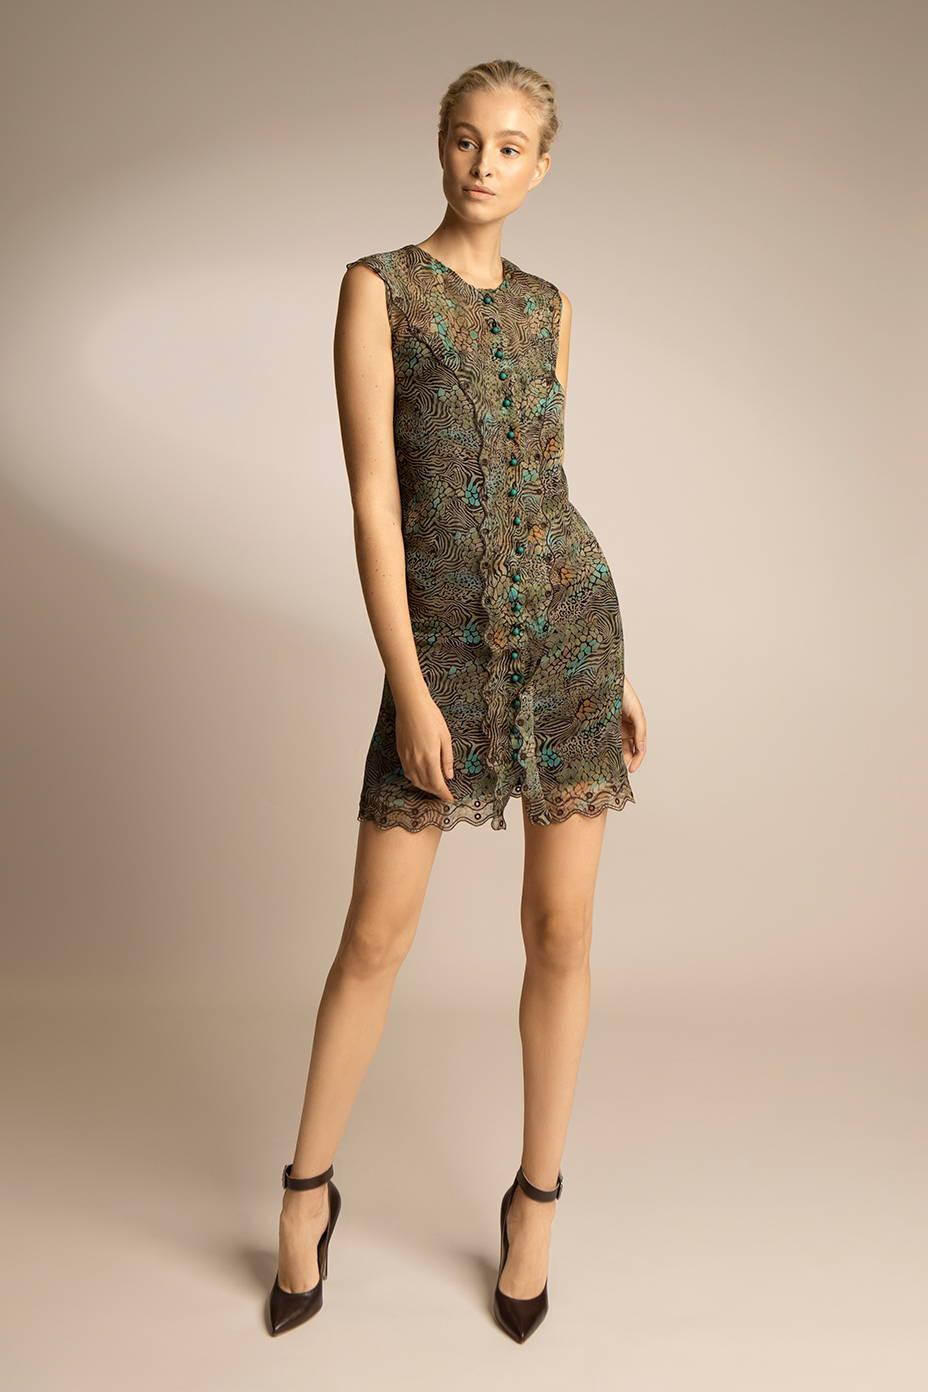 Women's Muslin Dress | PENDA Women